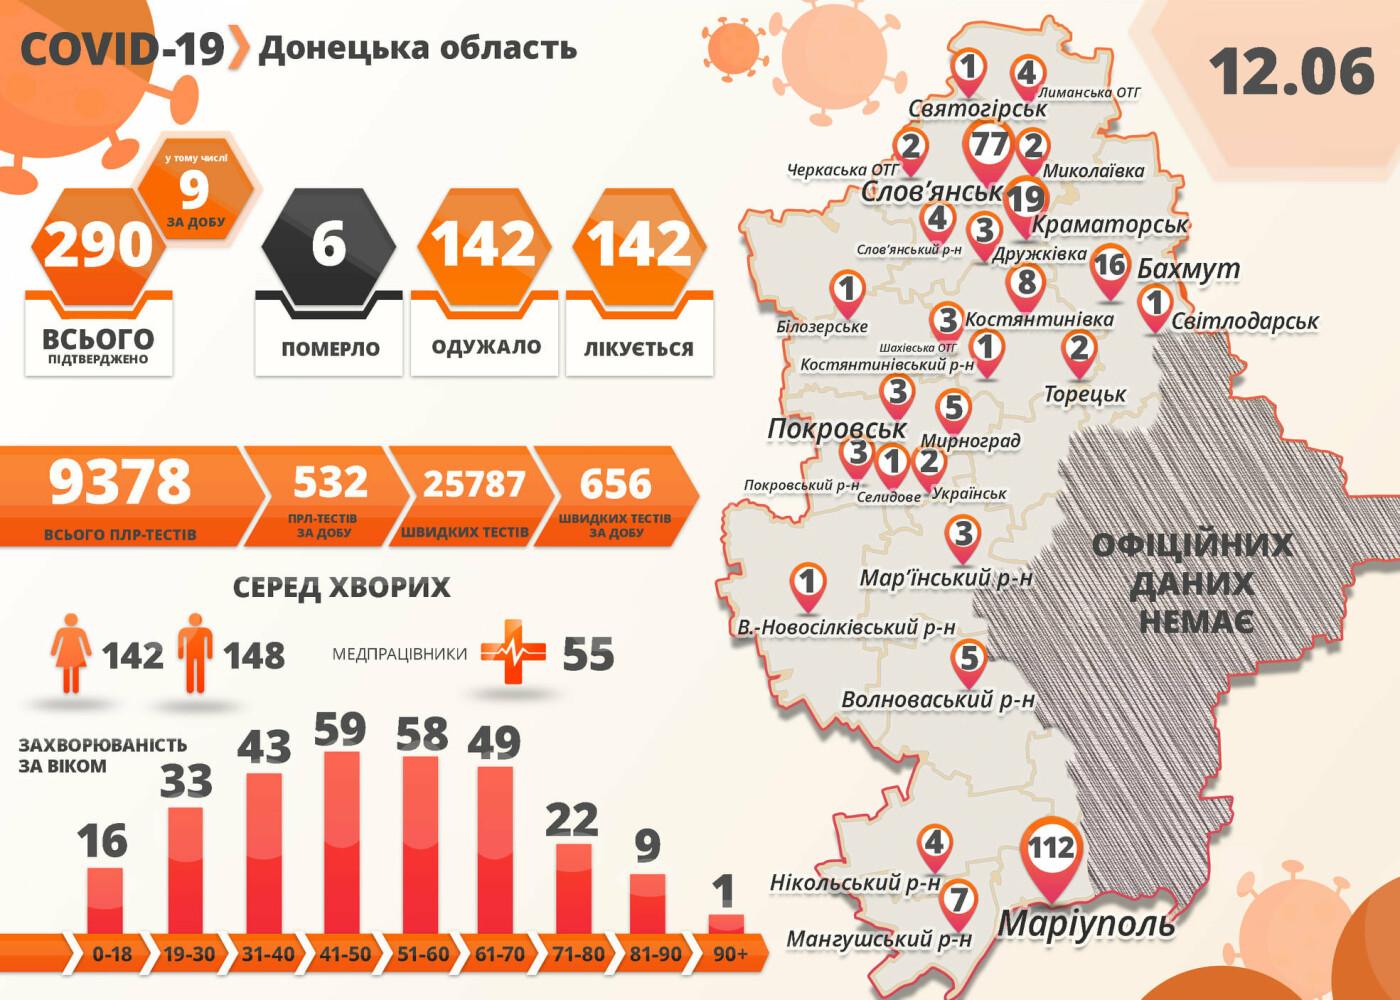 В Донецкой области девять новых случаев коронавируса за сутки, фото-1